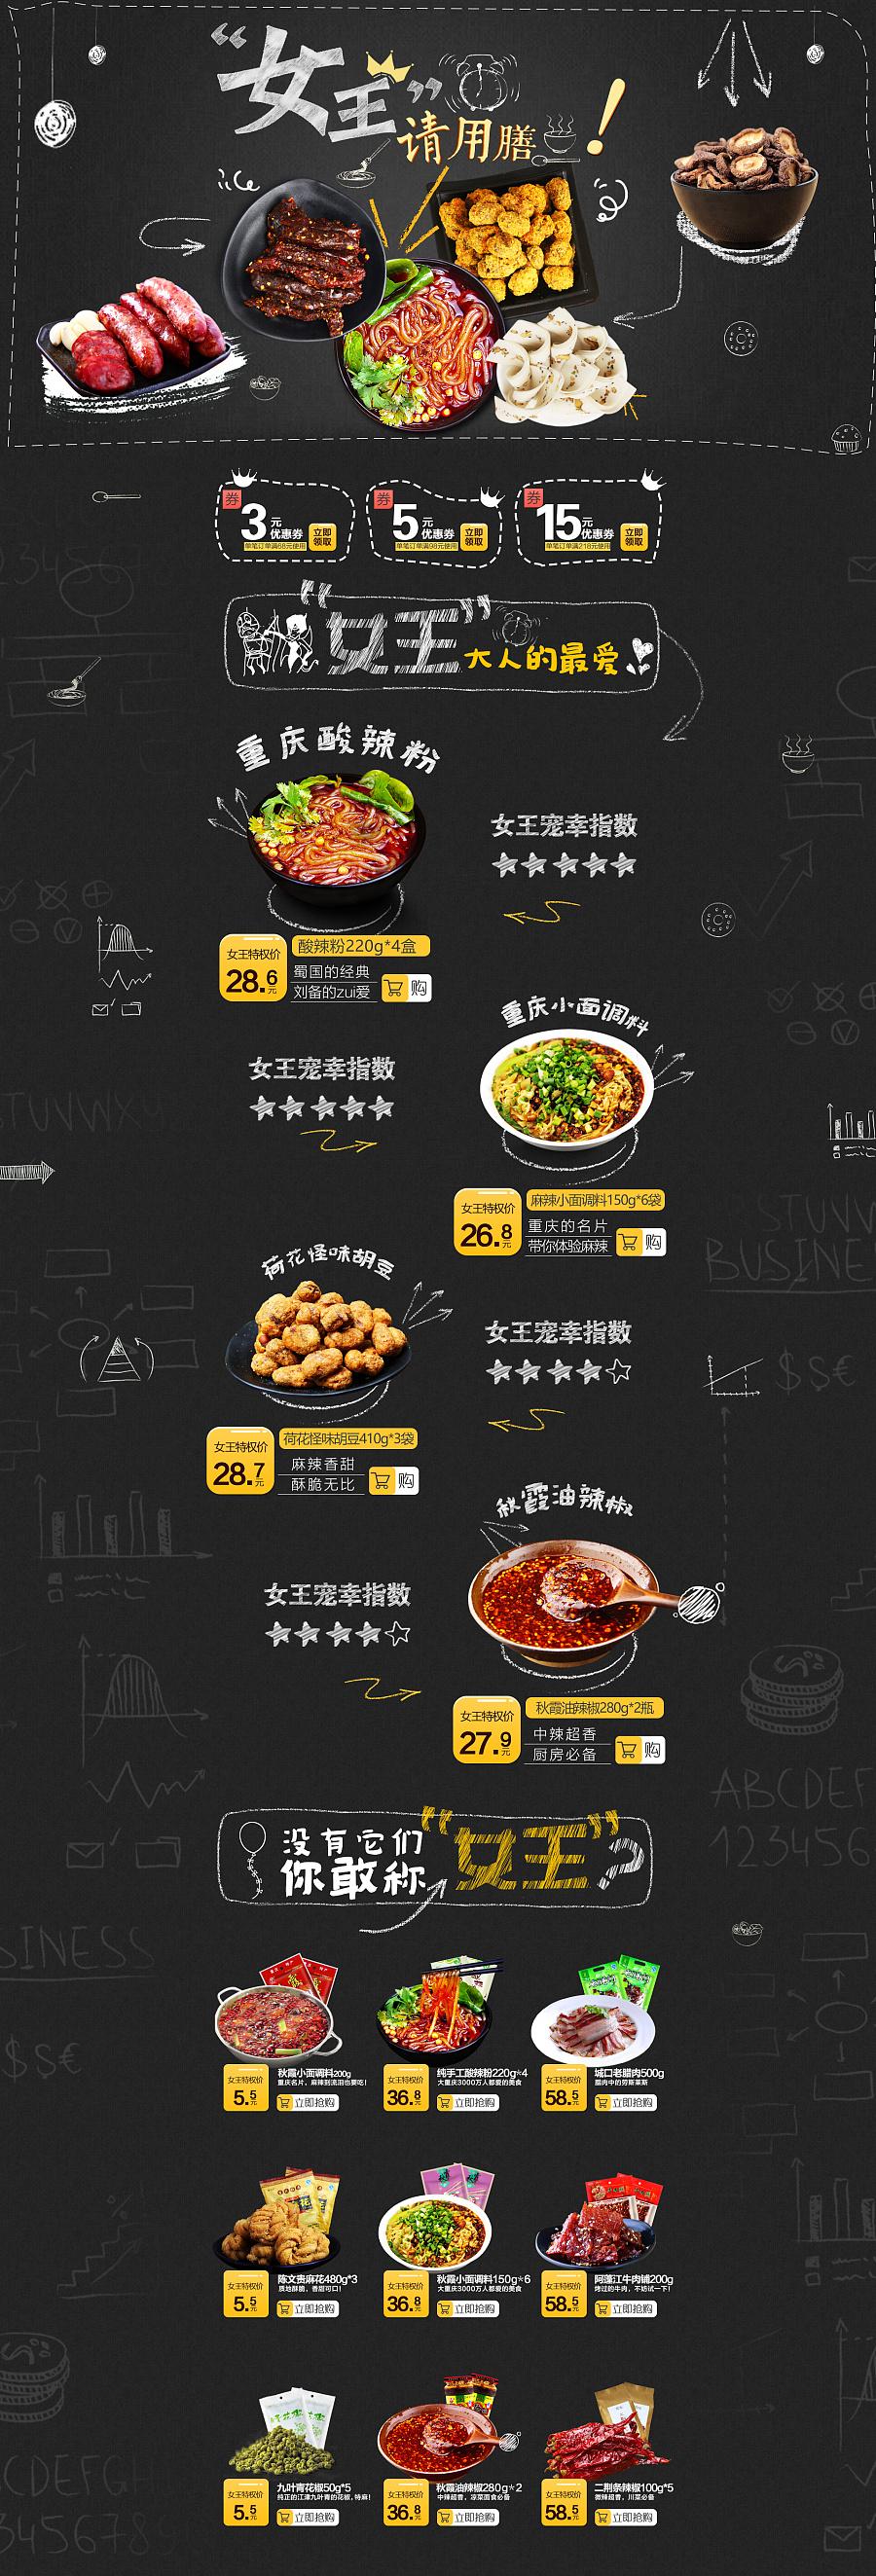 淘宝首页设计\/重庆美食特产\/食品\/三八女王节\/天